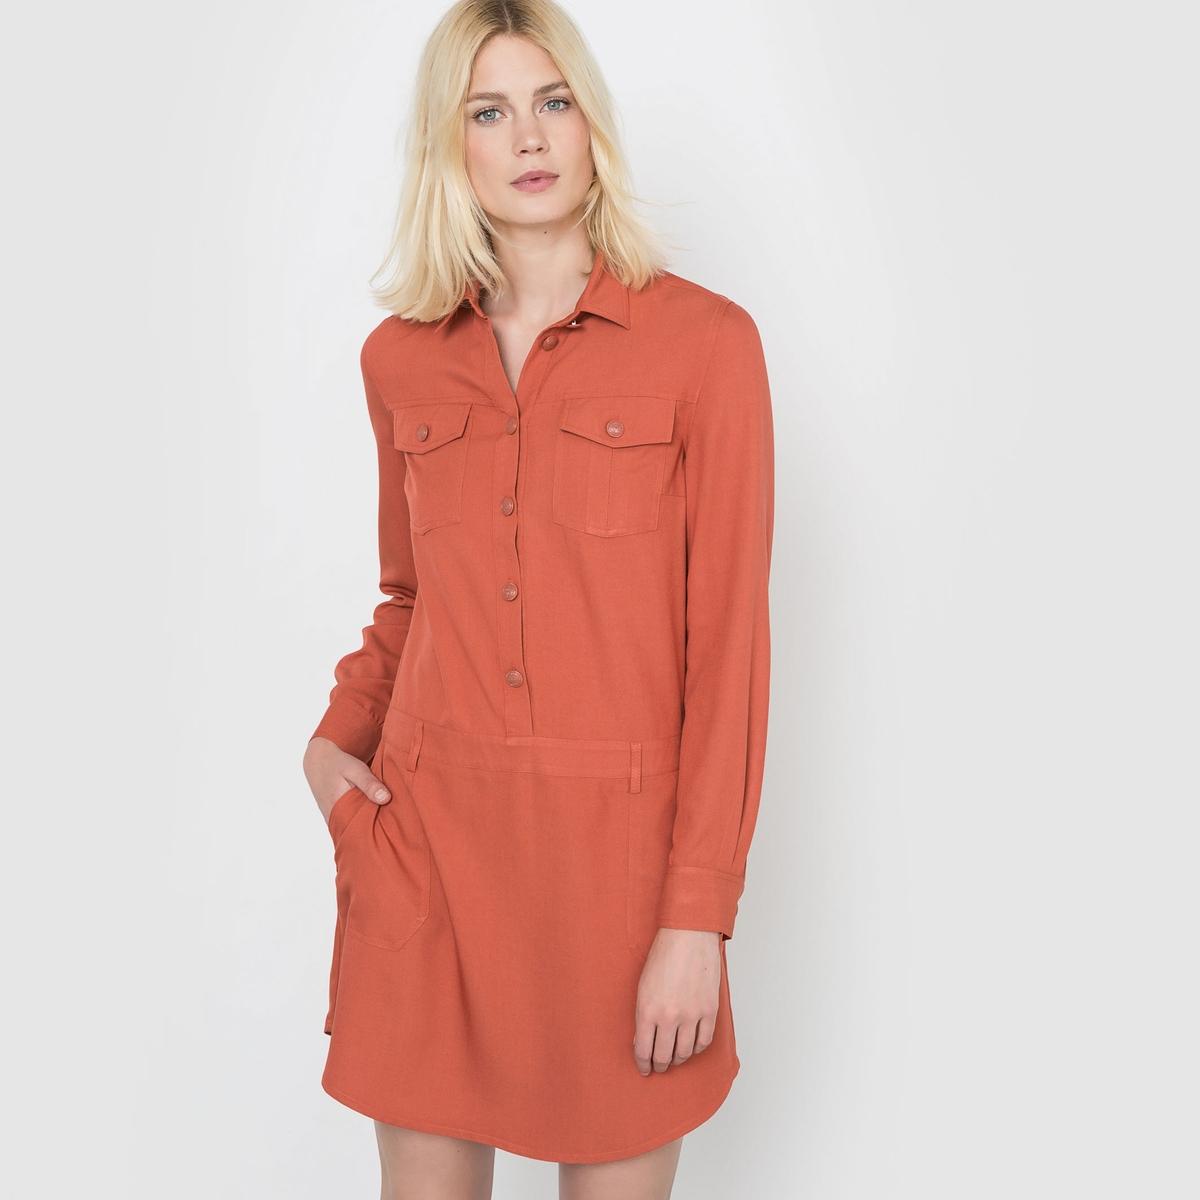 Платье-рубашка платье рубашка fox yulia sway платье рубашка fox